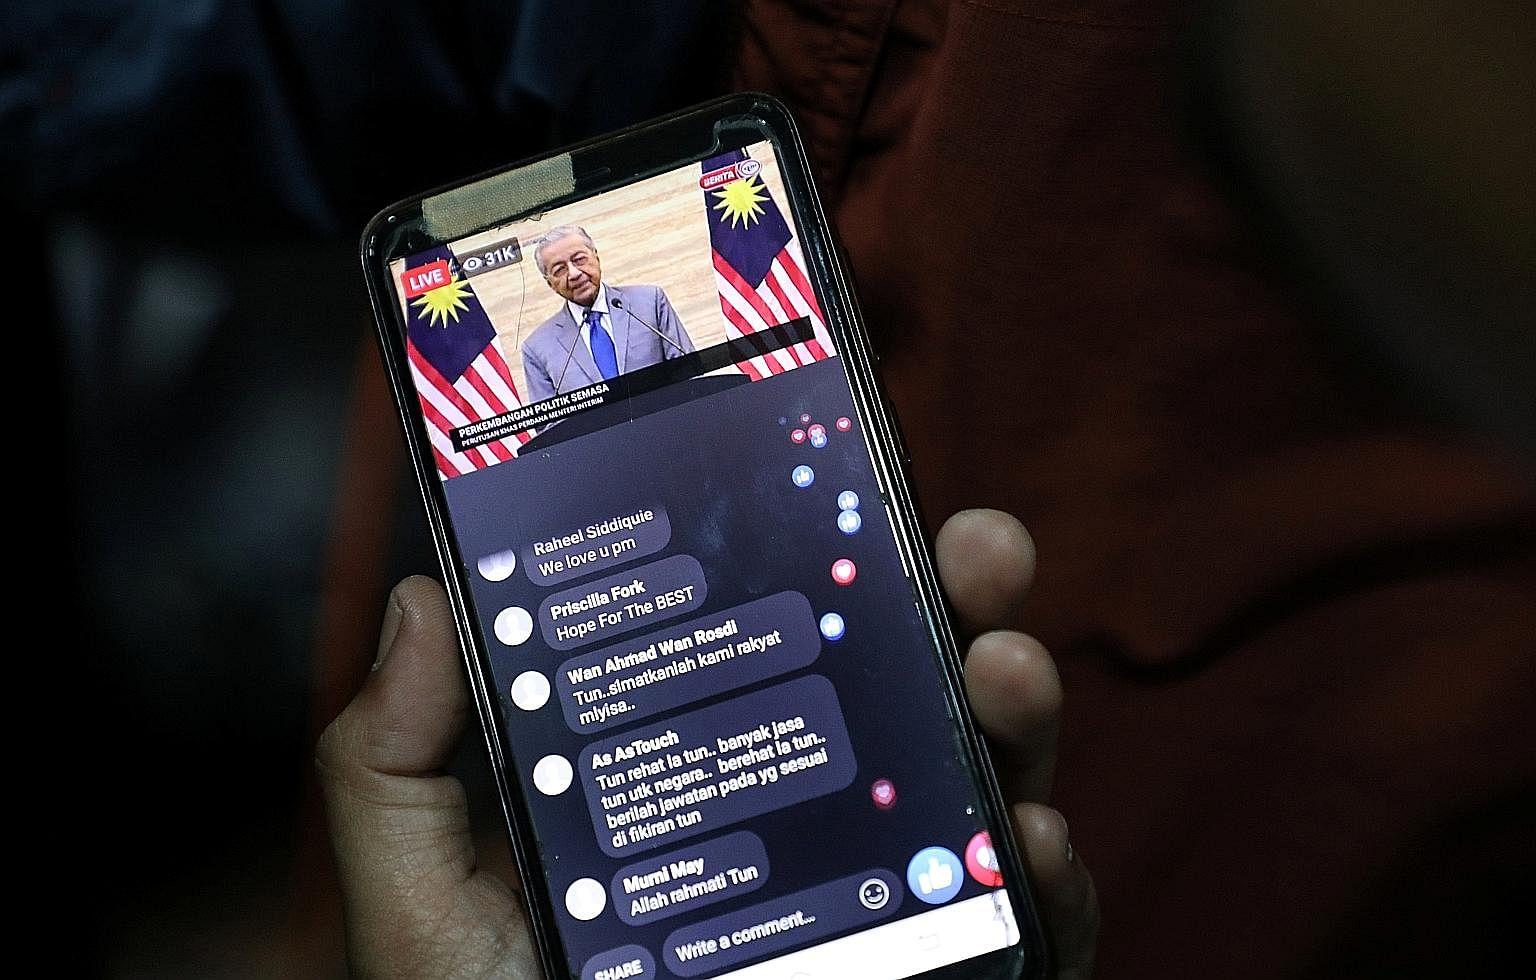 马来西亚前内政部长穆希丁·亚辛昨日在吉隆坡家外与新闻界交谈,此前皇家官员表示他将被任命为该国的新总理,这标志着敦马哈迪·穆罕默德的去世。